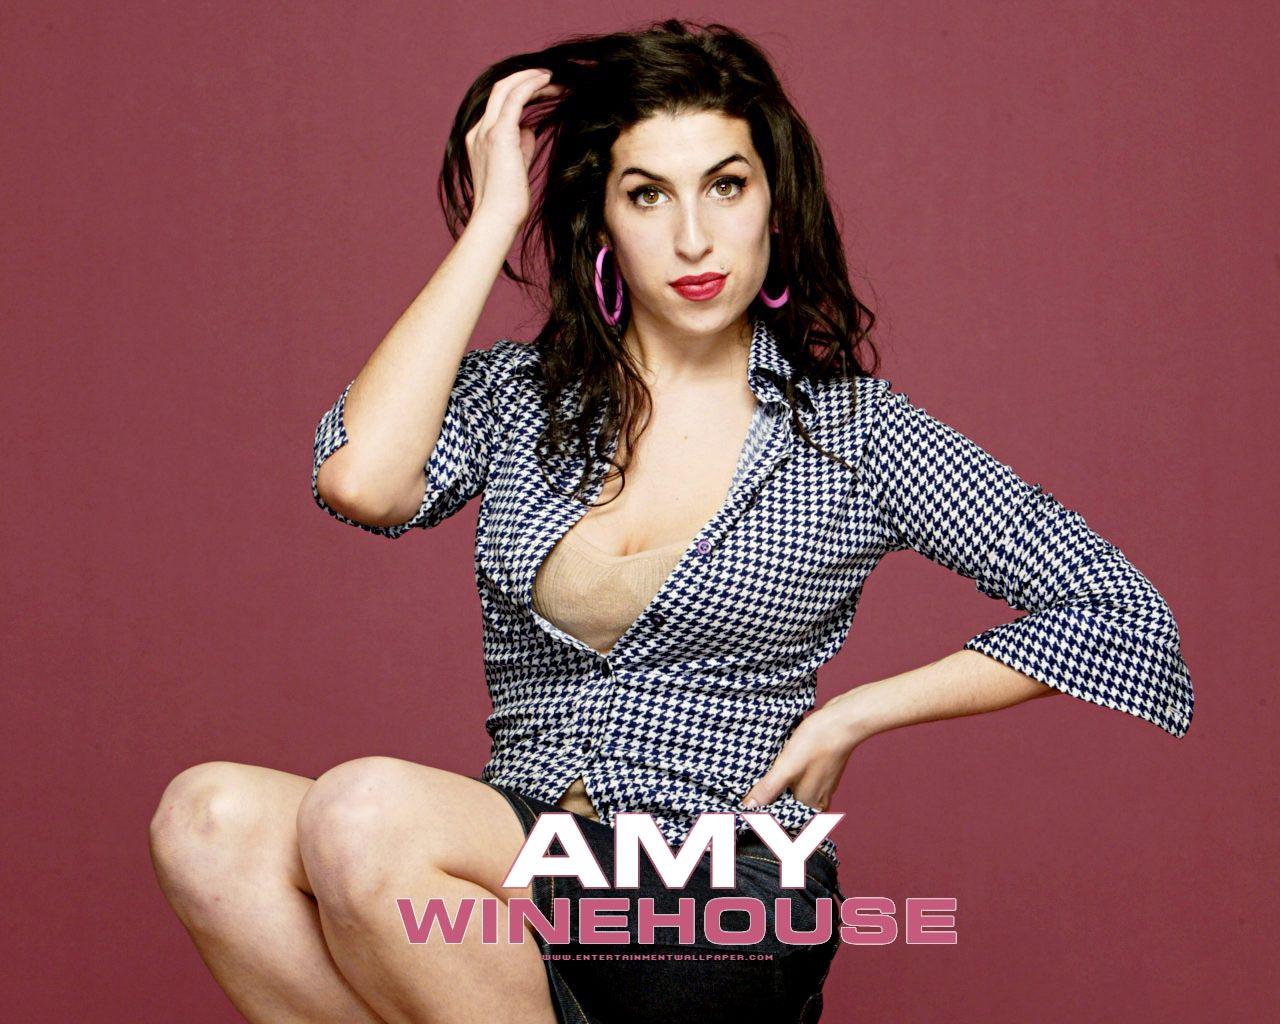 http://4.bp.blogspot.com/-MLP1MEdYAKs/TizZQLsc1II/AAAAAAAADSk/s3OaqU7pxcM/s1600/Amy+Winehouse.jpg